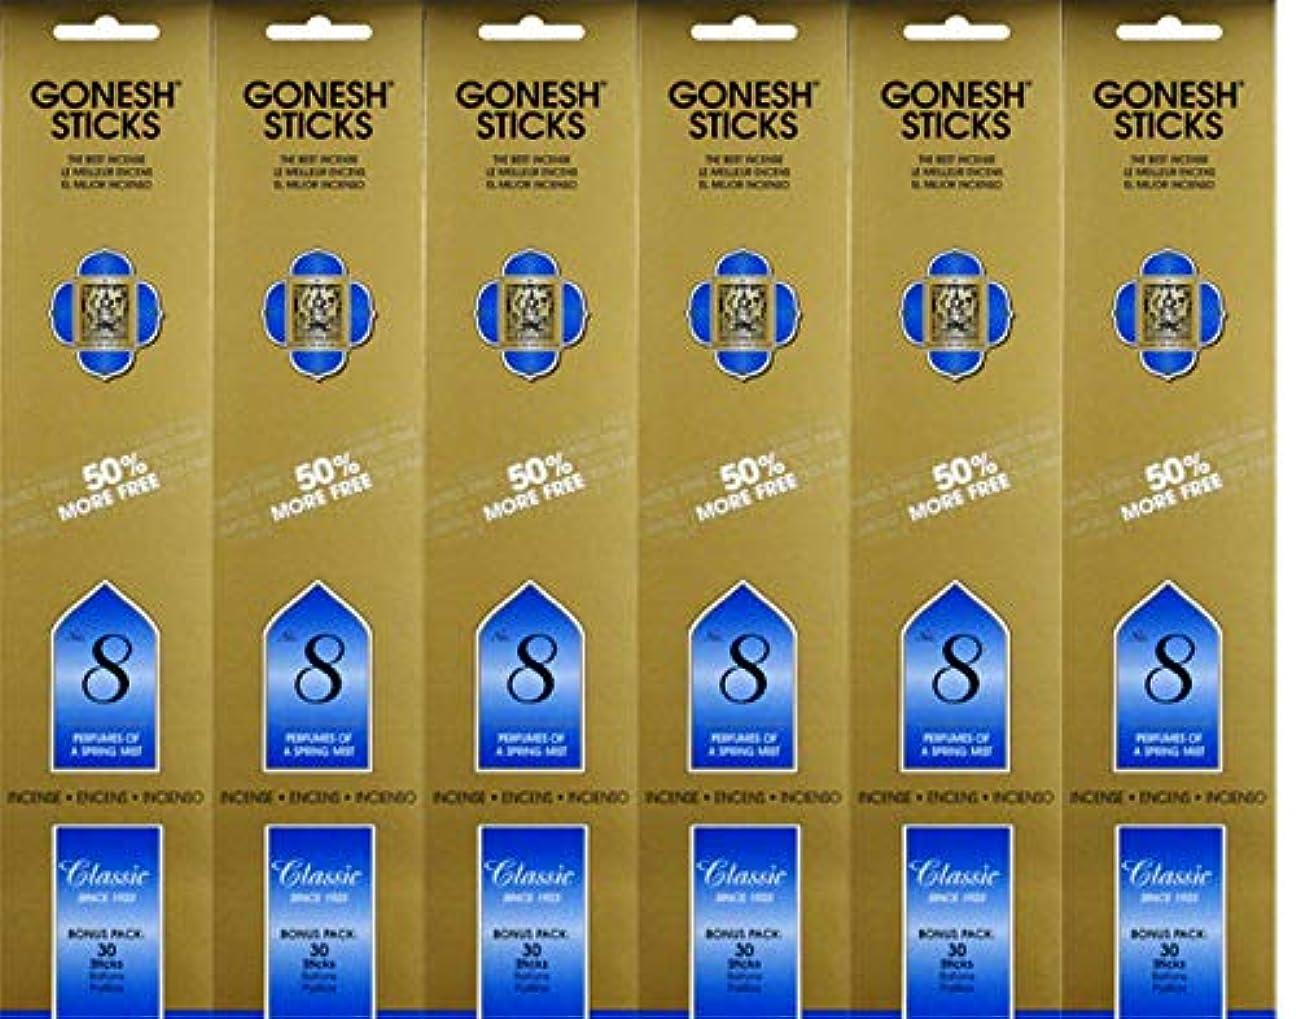 シュガー意味スワップGonesh #8 Bonus Pack 30 sticks ガーネッシュ#8 ボーナスパック30本入 6個組 180本